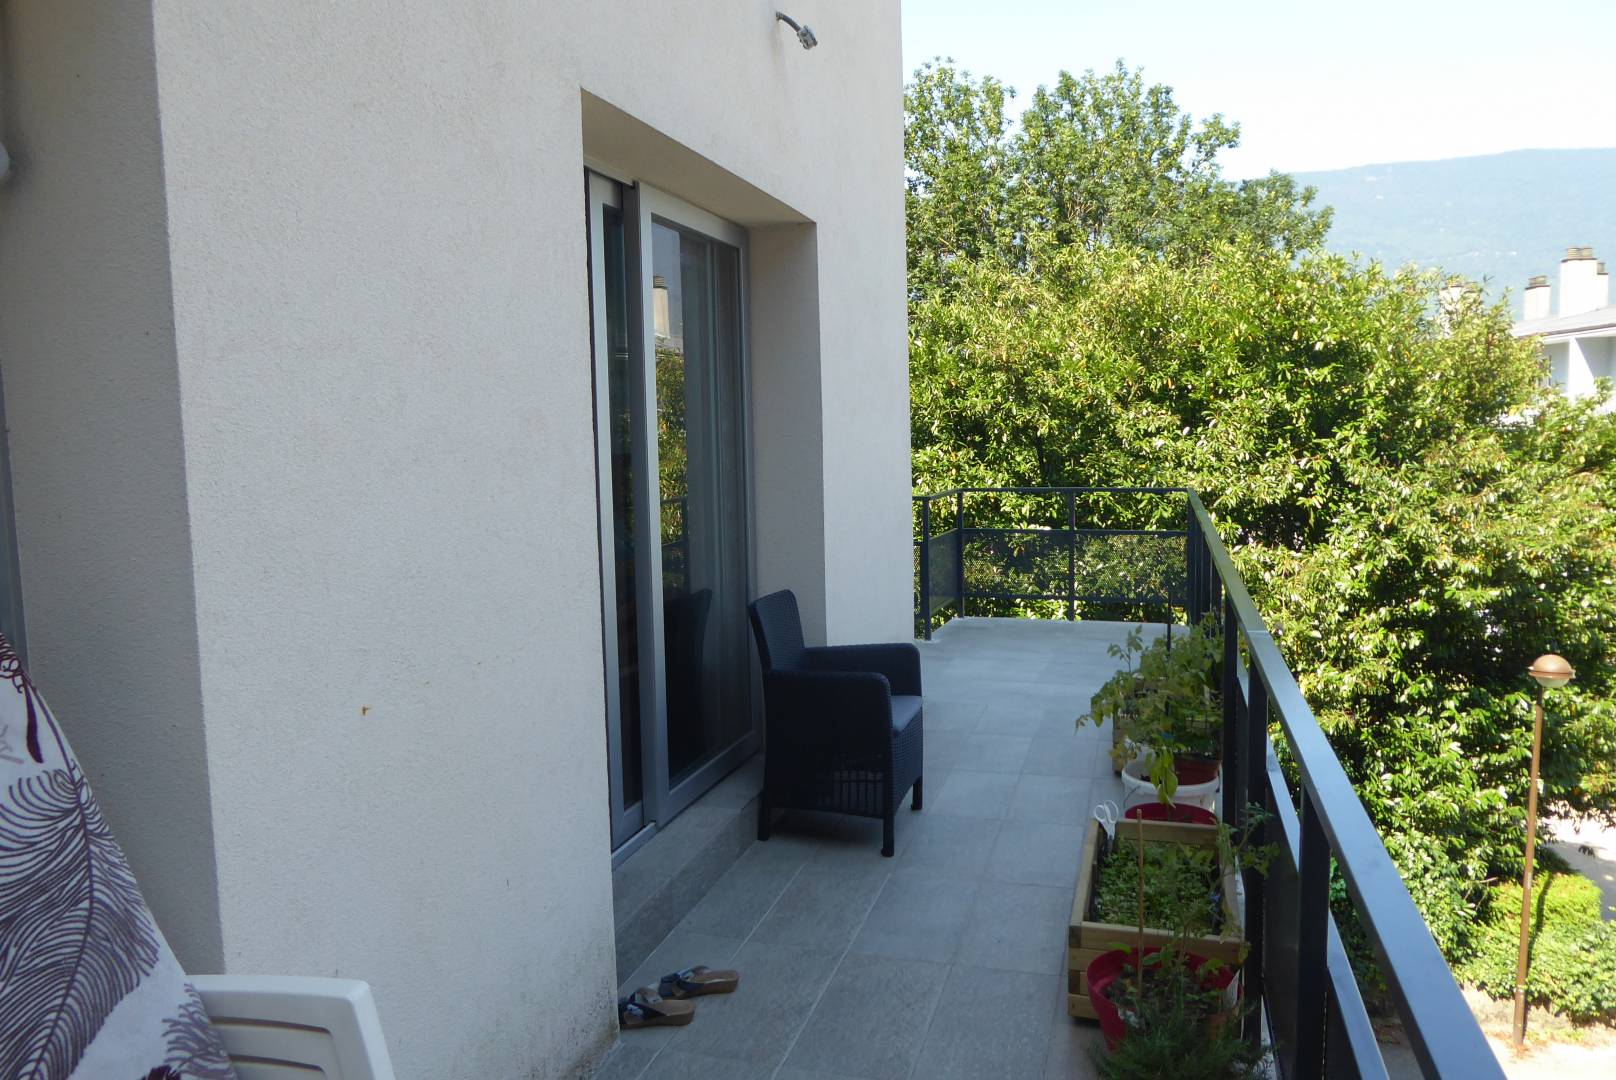 voglans belle maison moderne et originale aux portes d 39 aix les bains et chamb ry. Black Bedroom Furniture Sets. Home Design Ideas